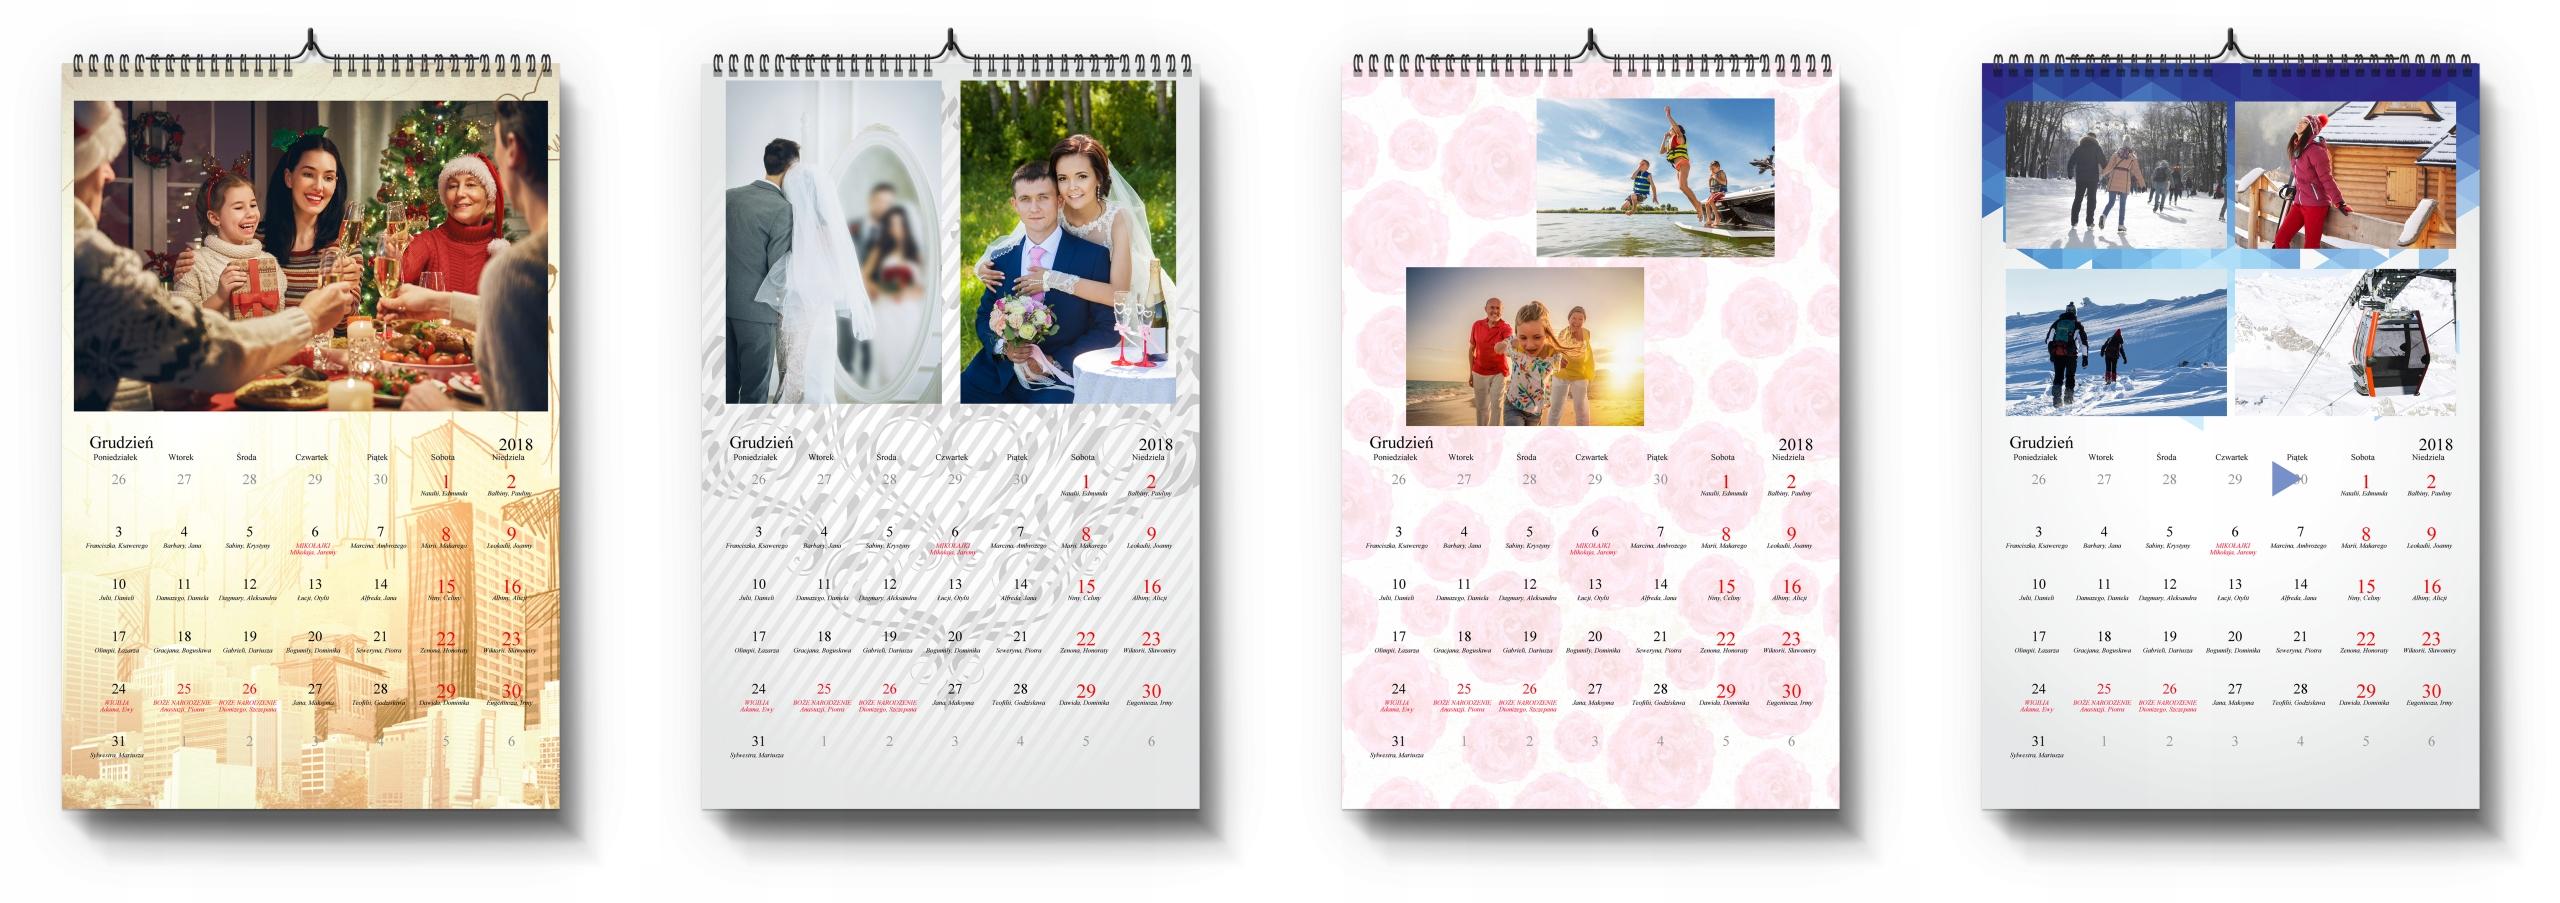 где в воронеже сделать календарь с фотографиями были прекрасны